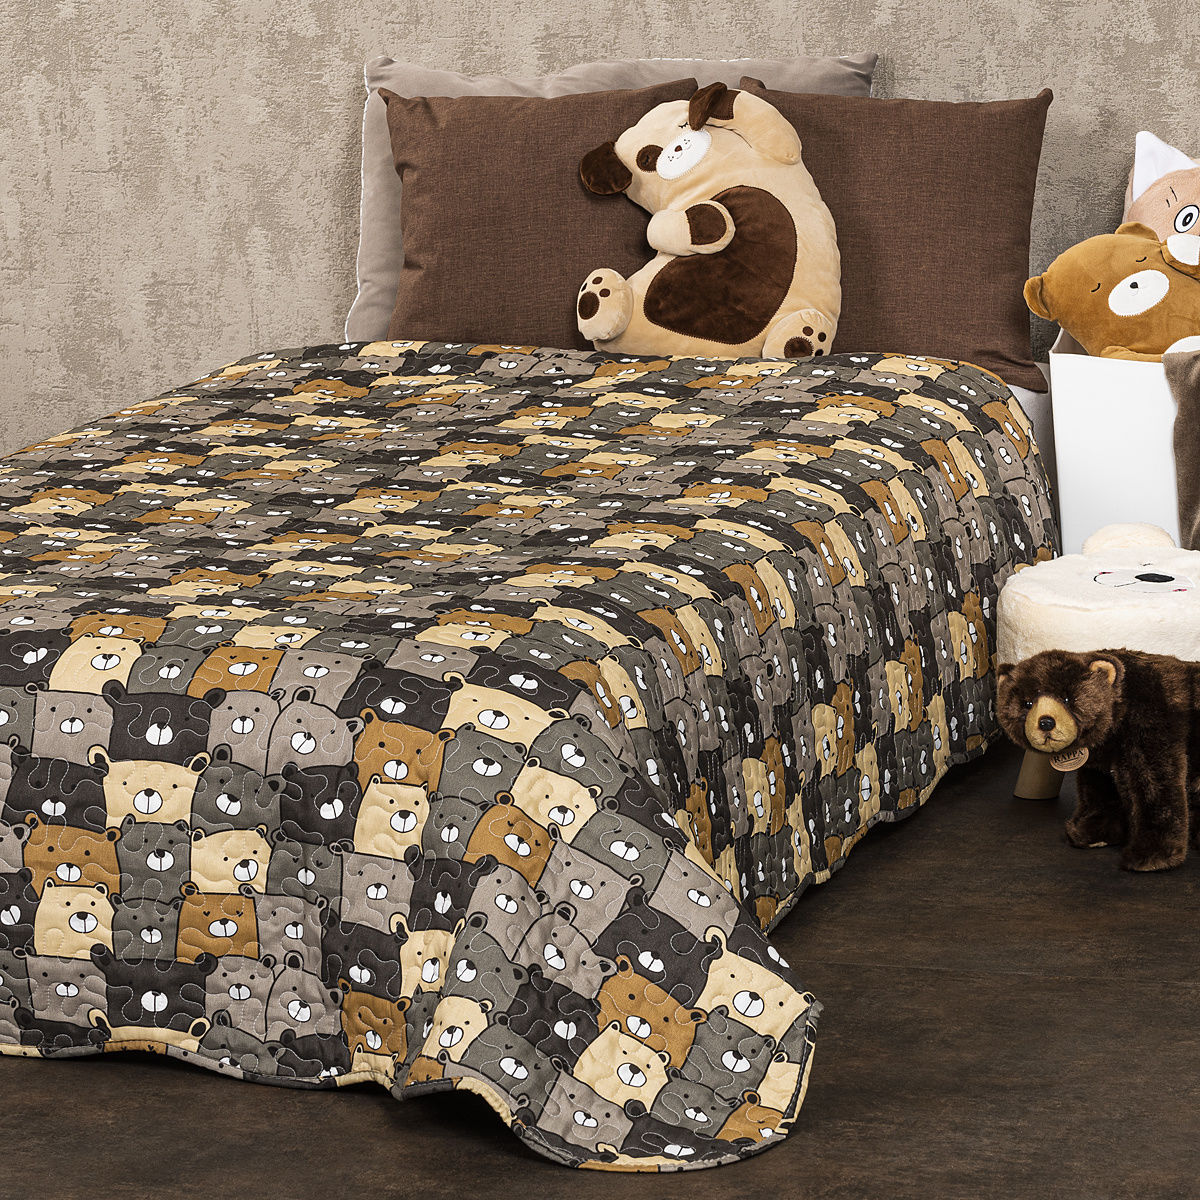 4Home Dziecięca narzuta na łóżko Misie, 150 x 200 cm